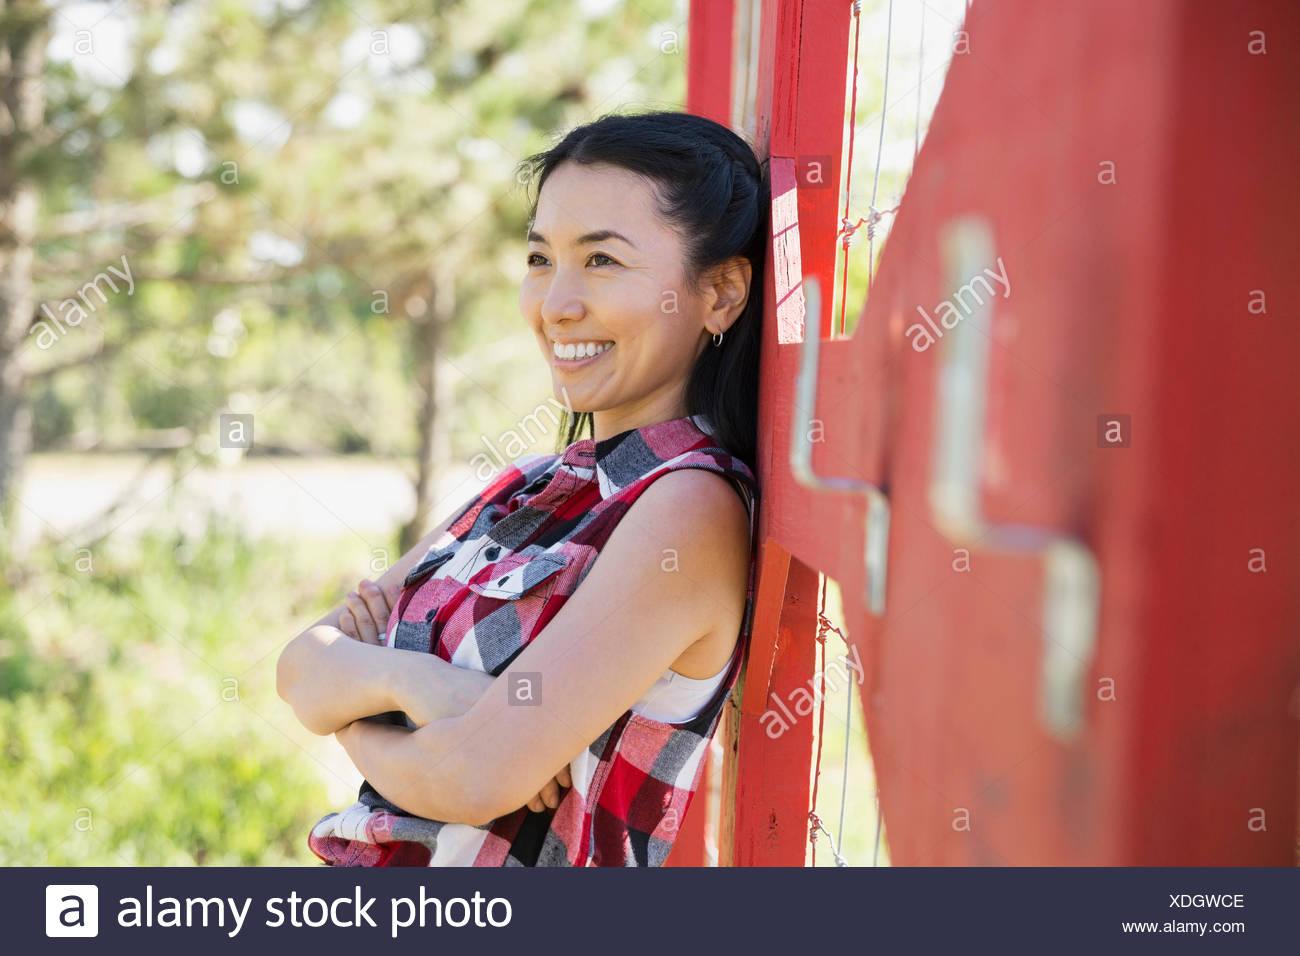 Mujer sonriente apoyándose en el cerco en el jardín Imagen De Stock